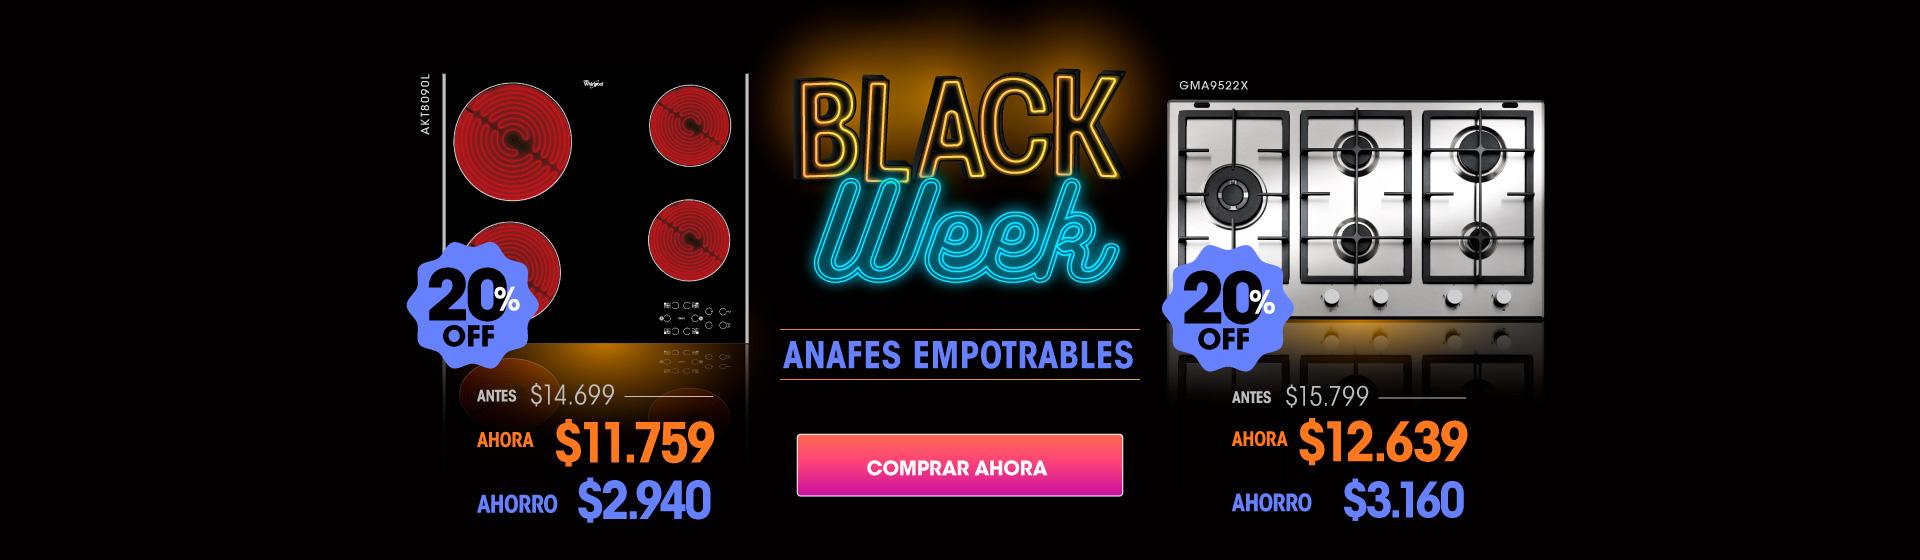 anafe black desktop